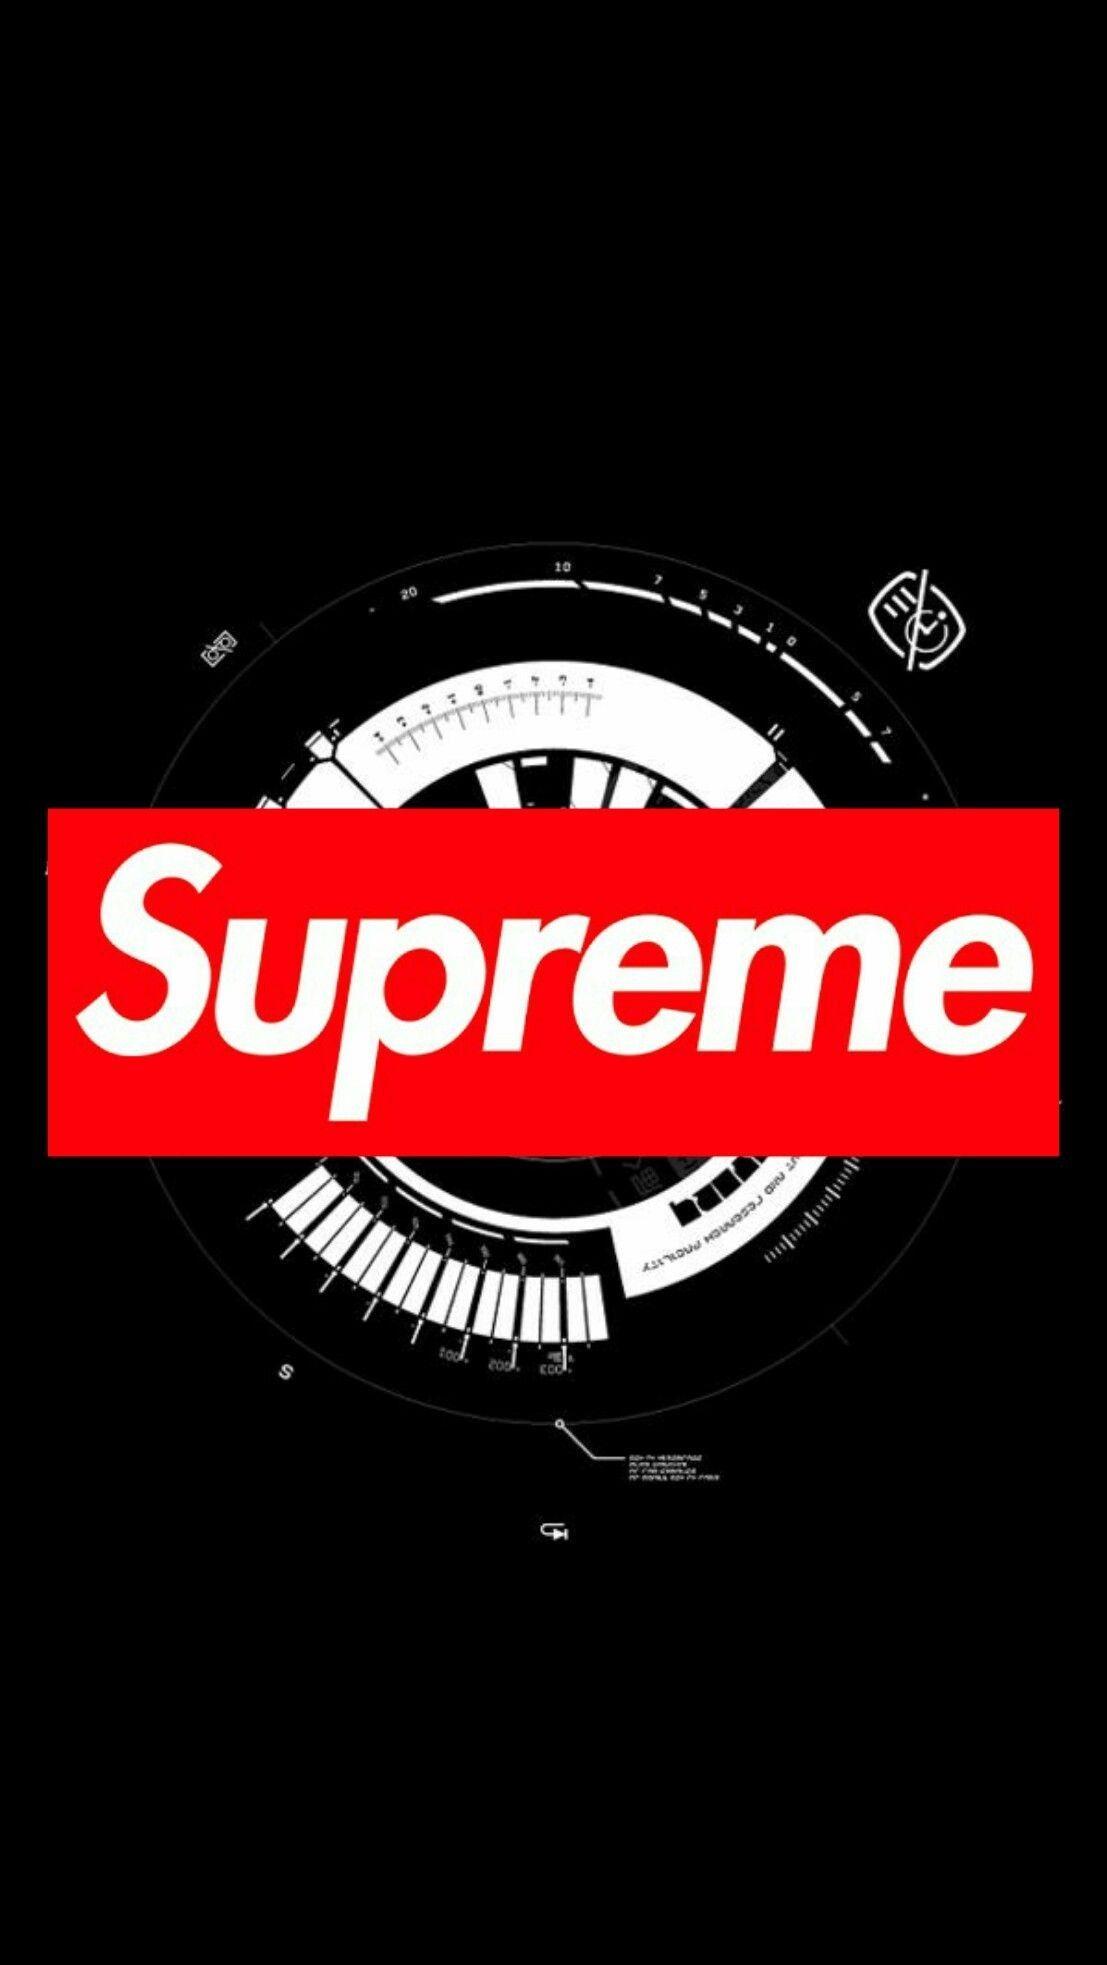 Supreme Brand Wallpapers.